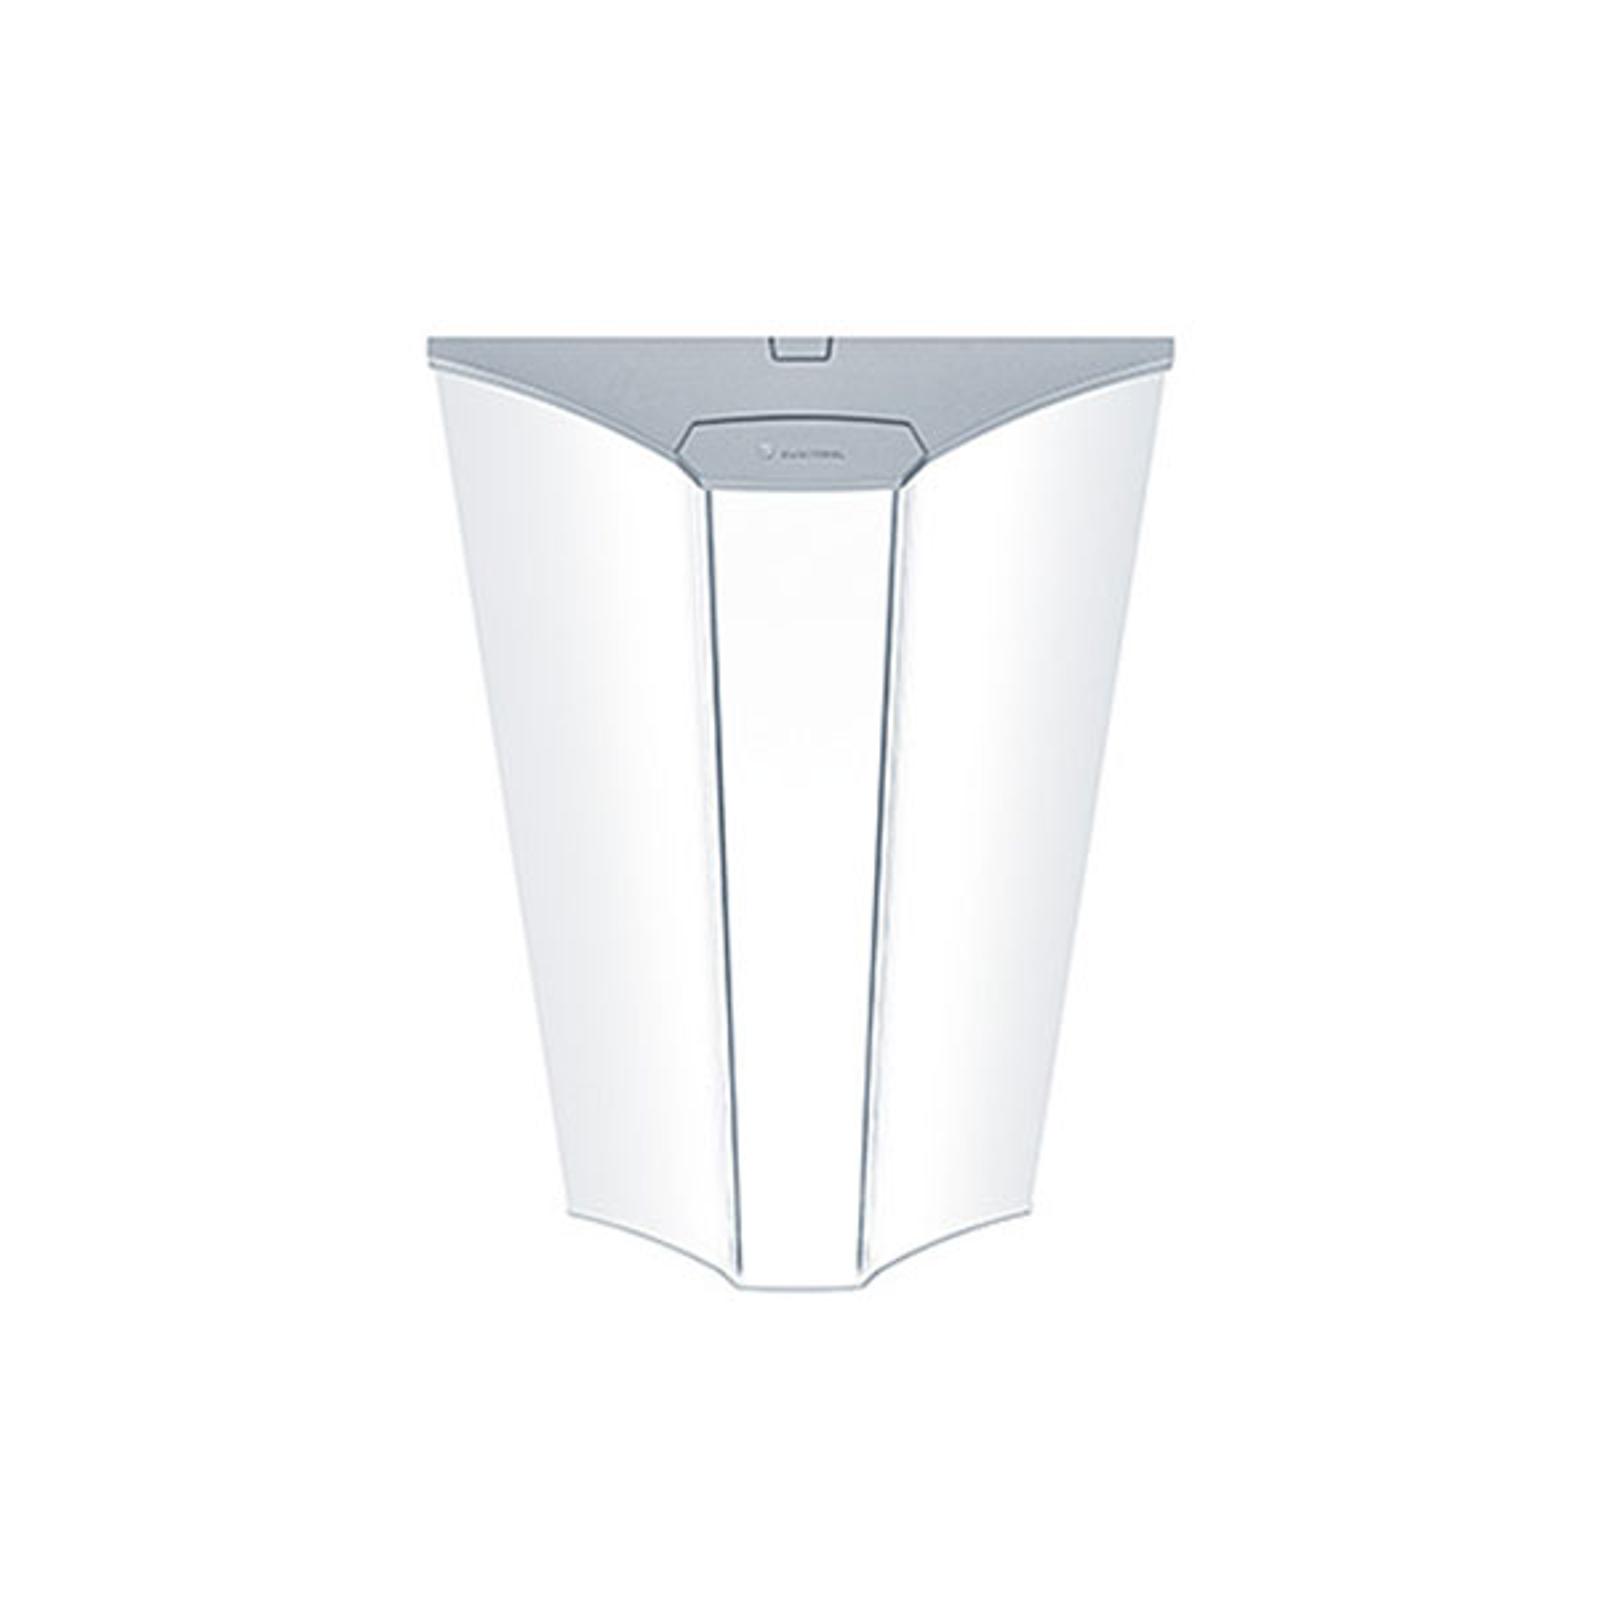 Zumtobel MLevo LED-Deckenlampe 115x35 cm